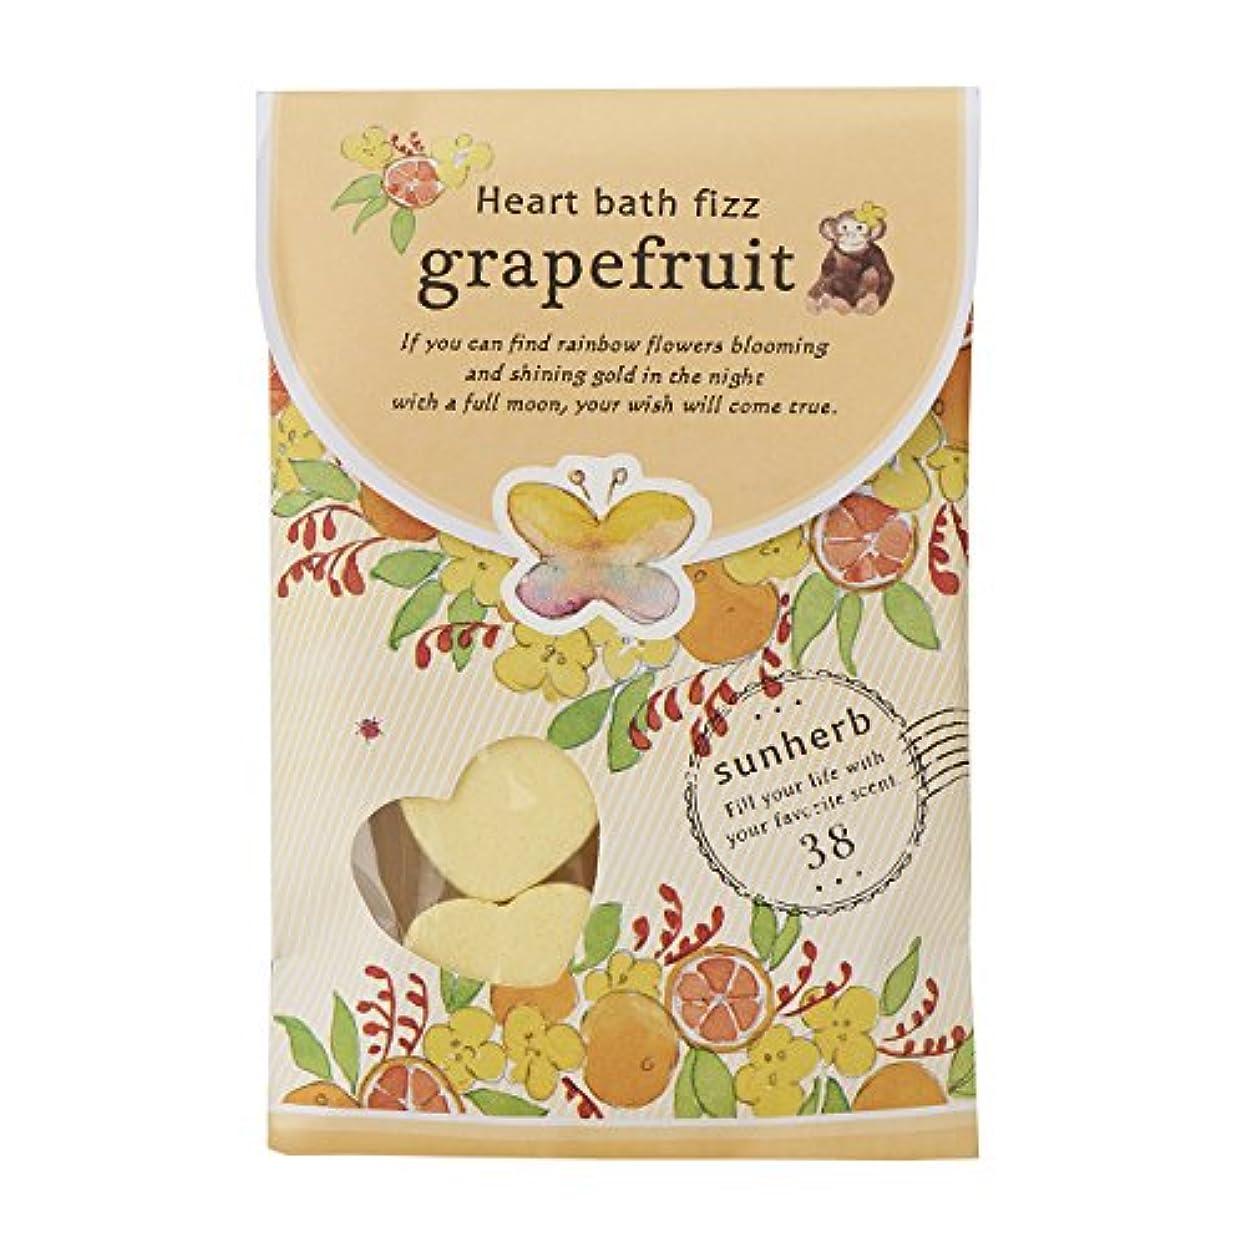 配管工成功した確認するサンハーブ ハートバスフィズ28g×2包 グレープフルーツ(発泡タイプの入浴料 シャキっとまぶしい柑橘系の香り)